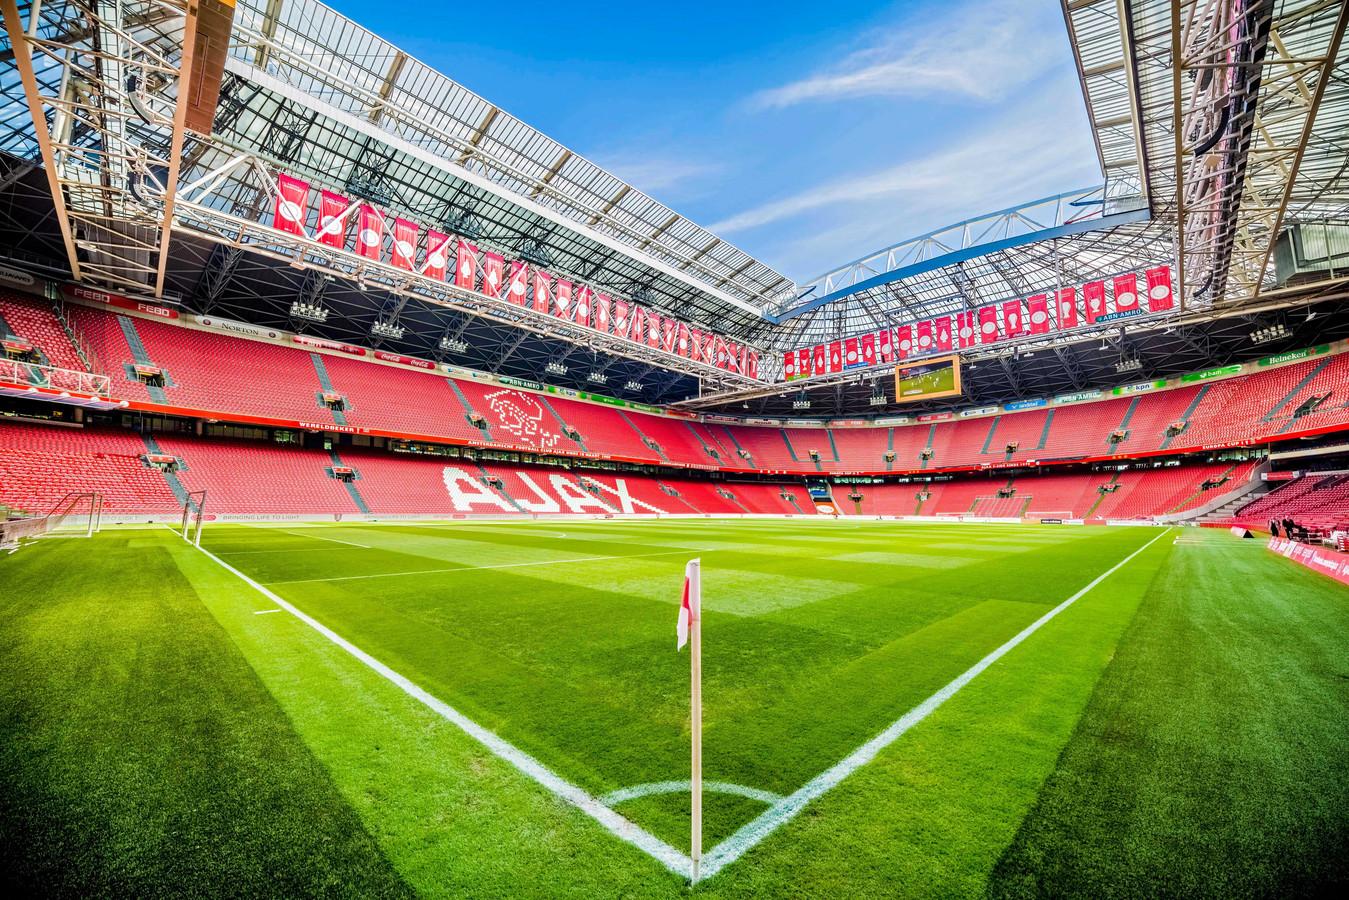 De ruim 53.000 stadionstoelen in de Amsterdam ArenA zijn in de afgelopen maanden bijna allemaal vervangen. De oude stoeltjes worden duurzaam hergebruikt en krijgen een tweede leven. Een deel van de stoelen is vanaf vandaag verkrijgbaar voor Ajax-fans.